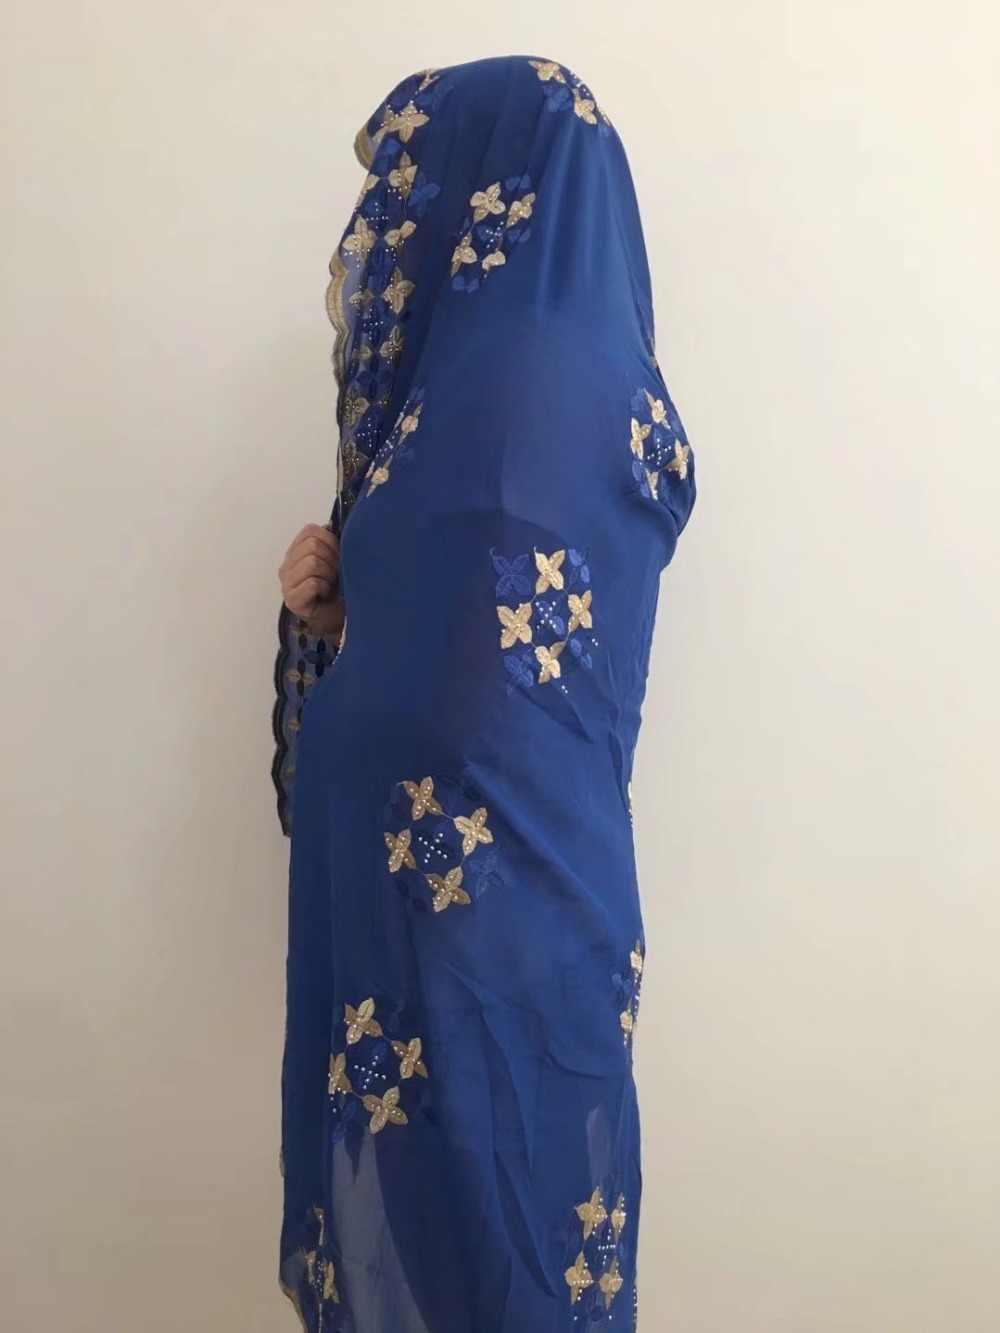 הניגרי gele headtie אפריקה צרפתית טול תחרה עבור גברת צעיפי נשים ראש עוטפת 3 יחידות\חבילה JFX-13